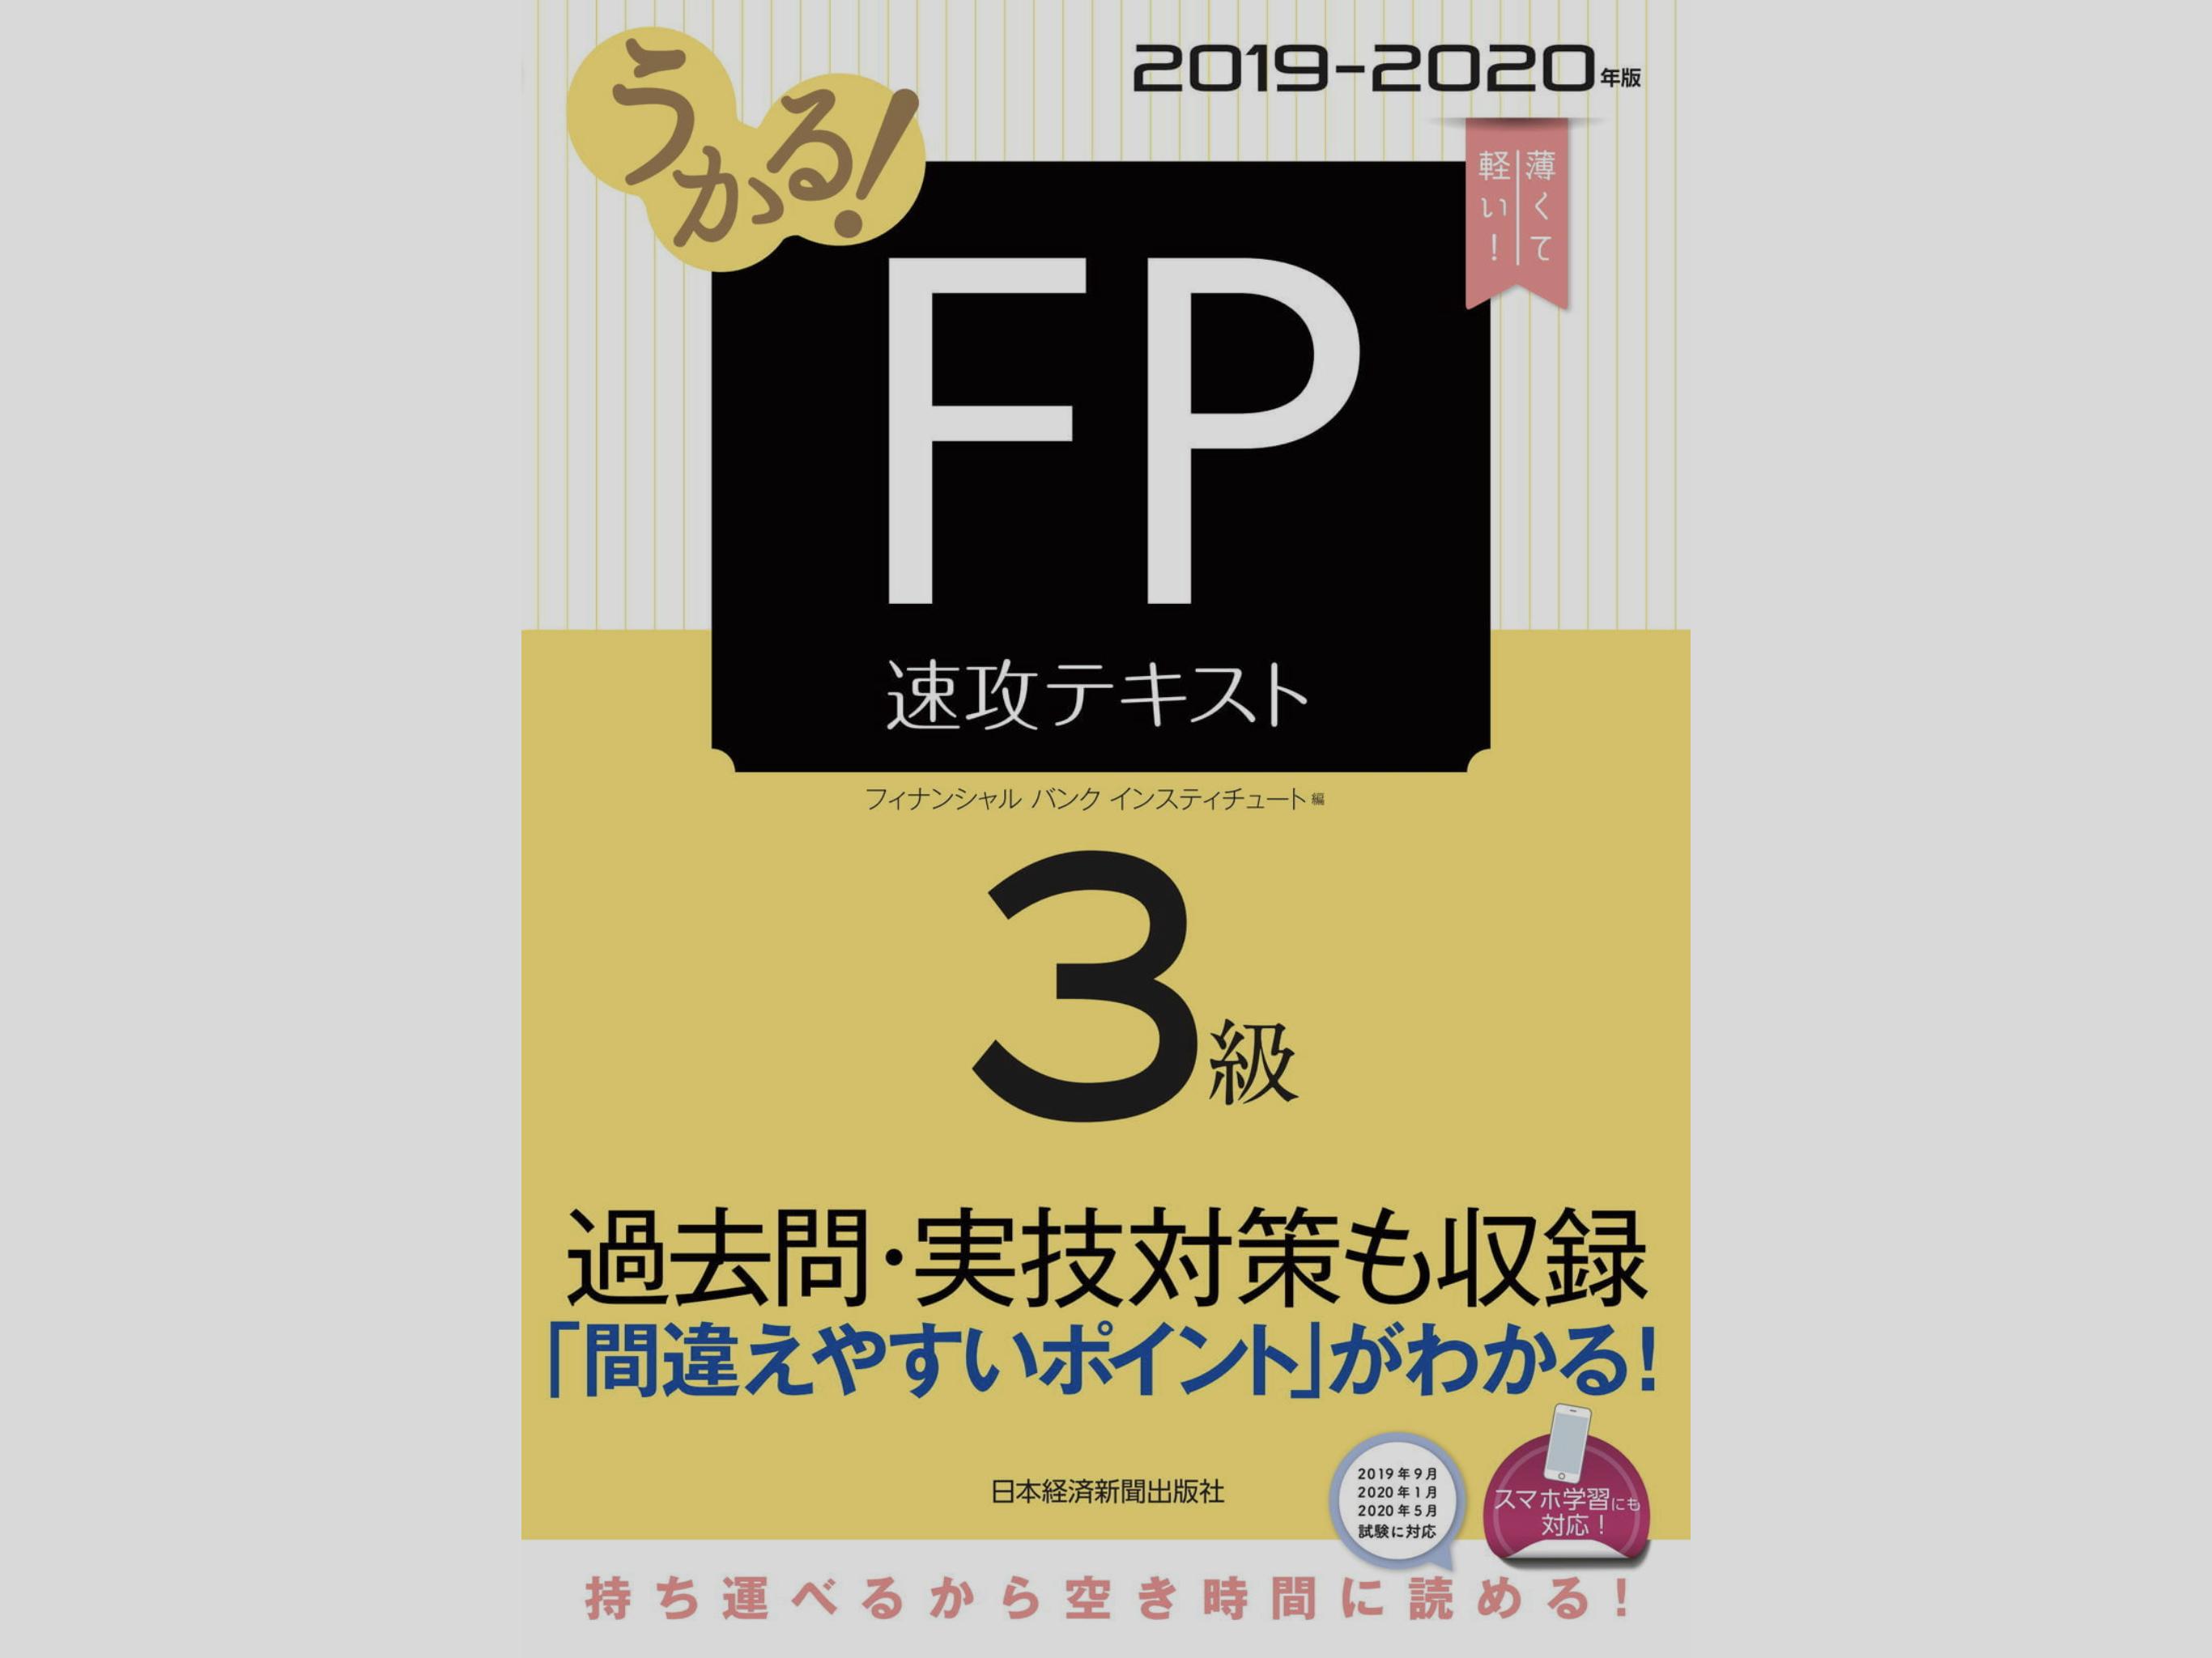 うかる!FP速攻テキスト3級